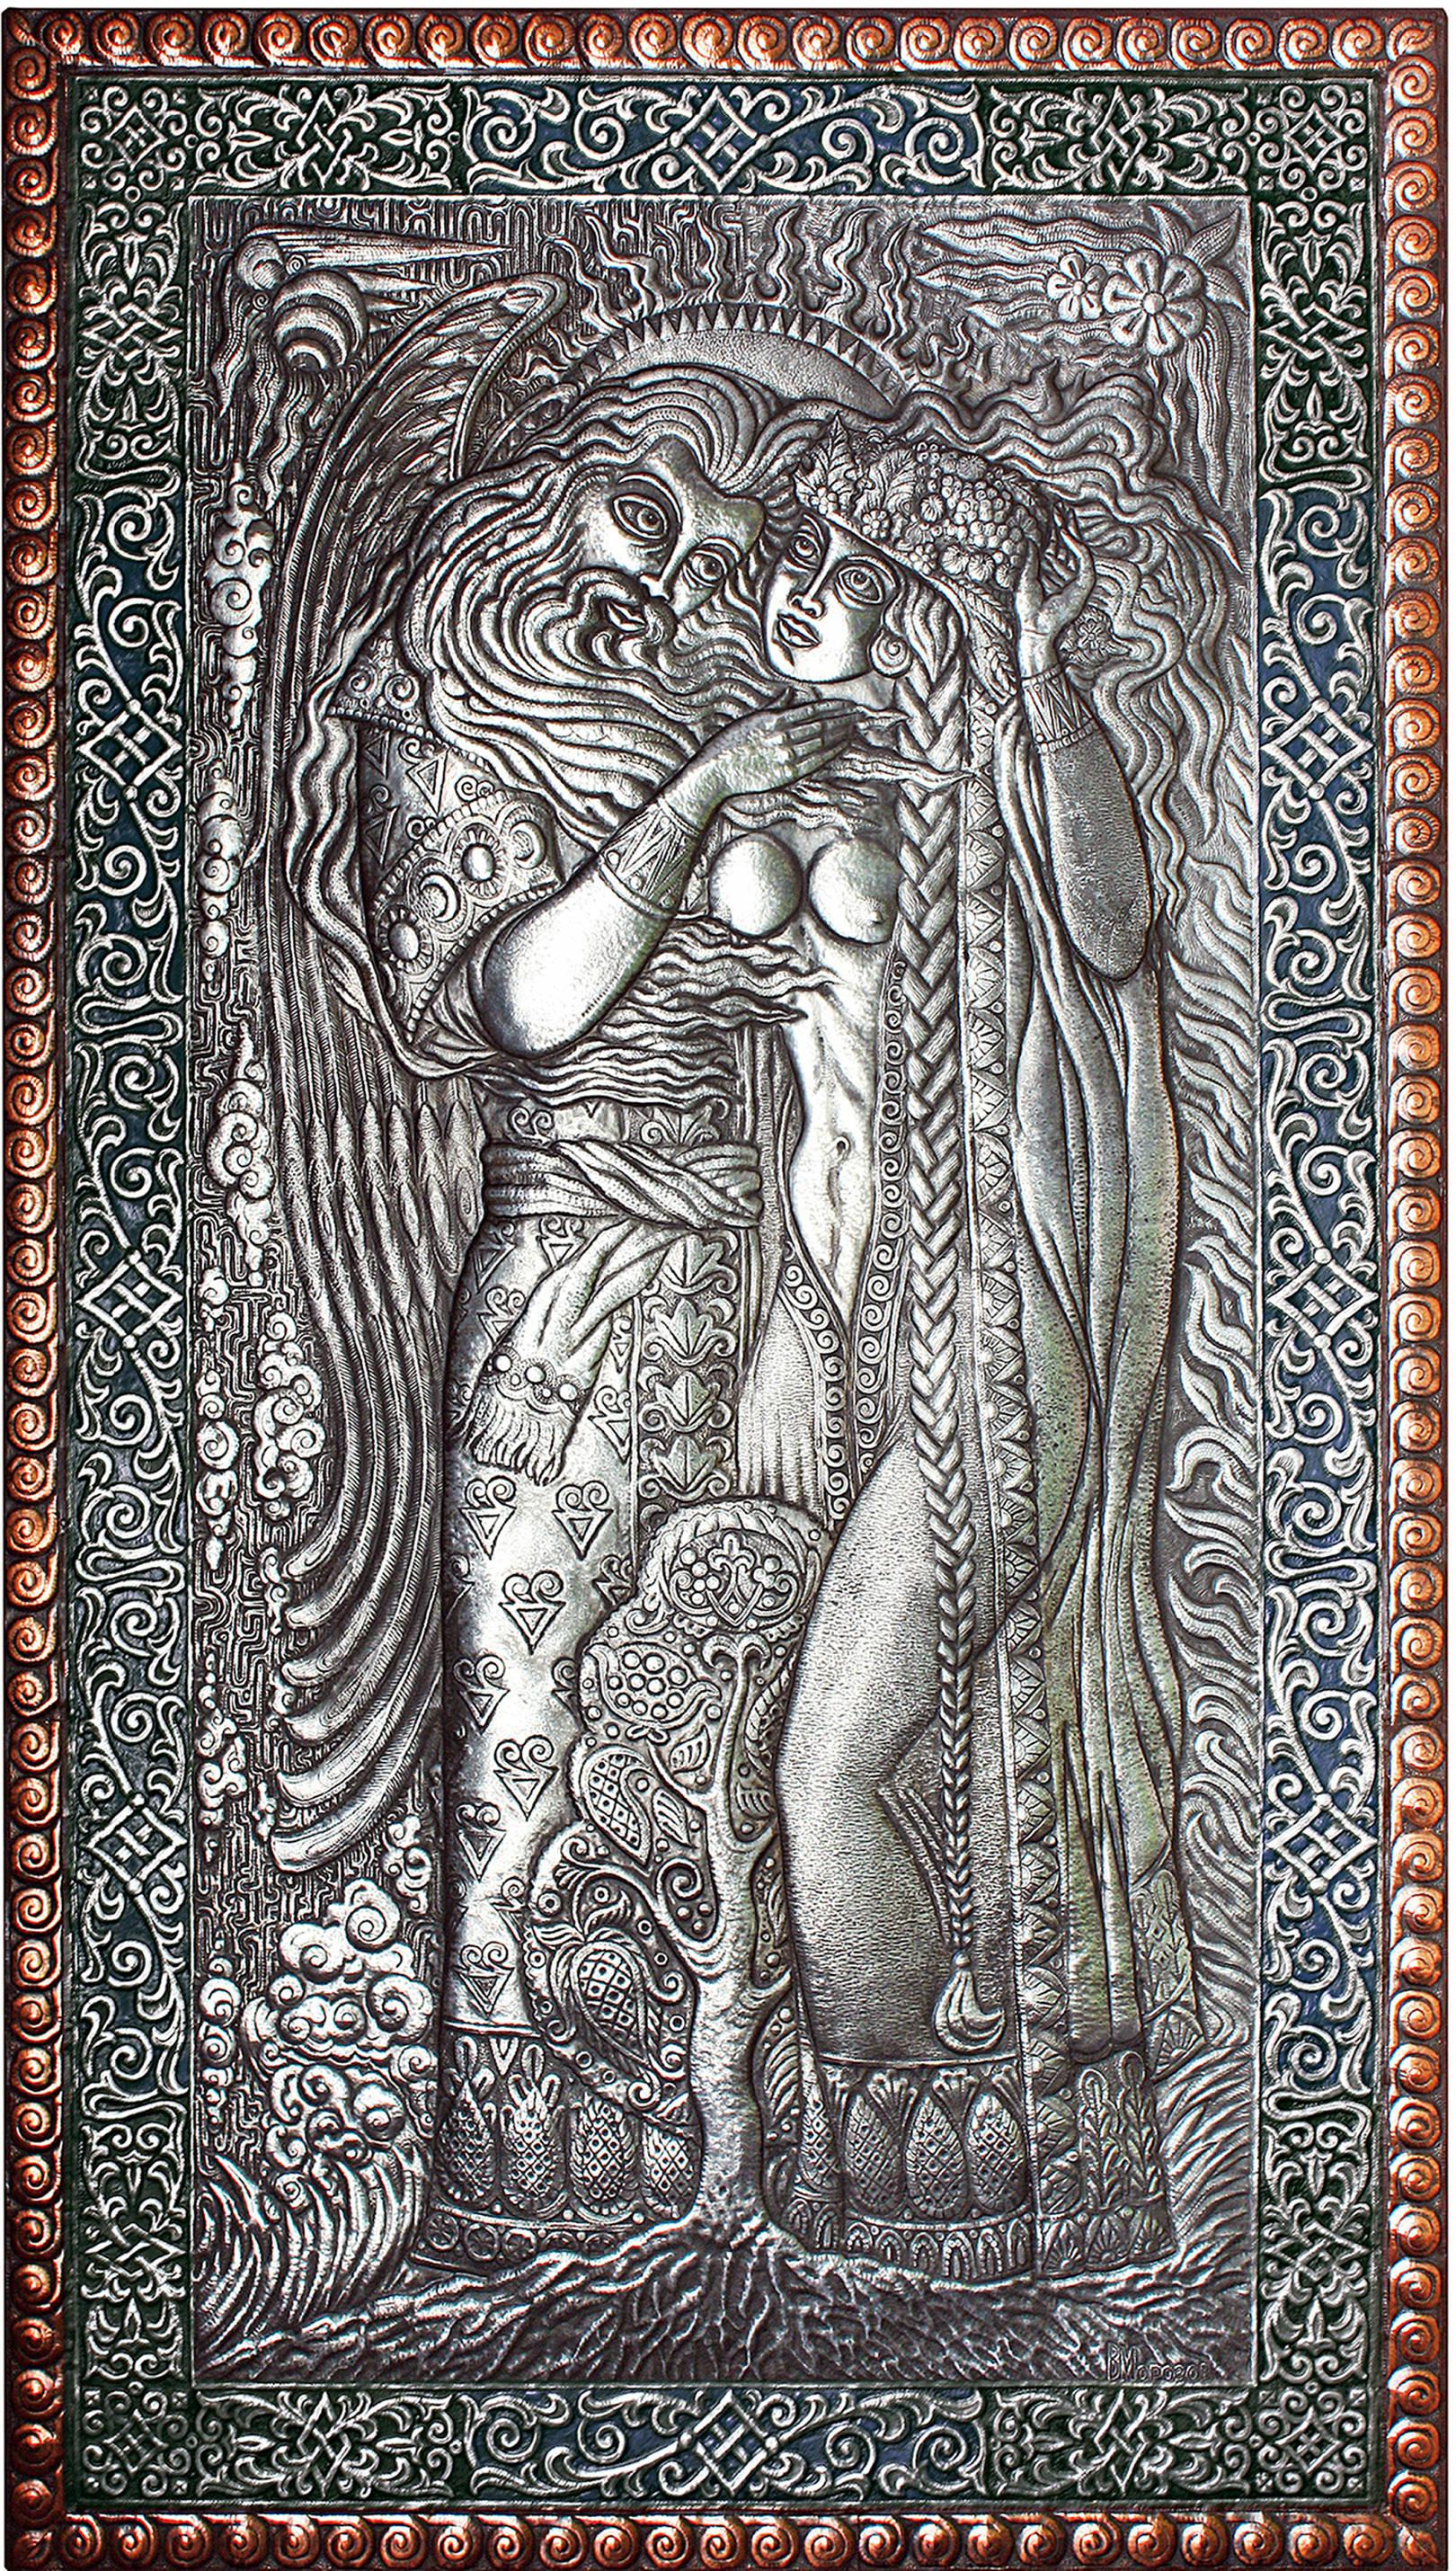 Отец Свет- Небо и Мать - Сыра Земля (панно) 2014 г. Алюминий, медь; чернение 115,5 х 66 см.  Создано по мотивам произведения Виктора Королькова